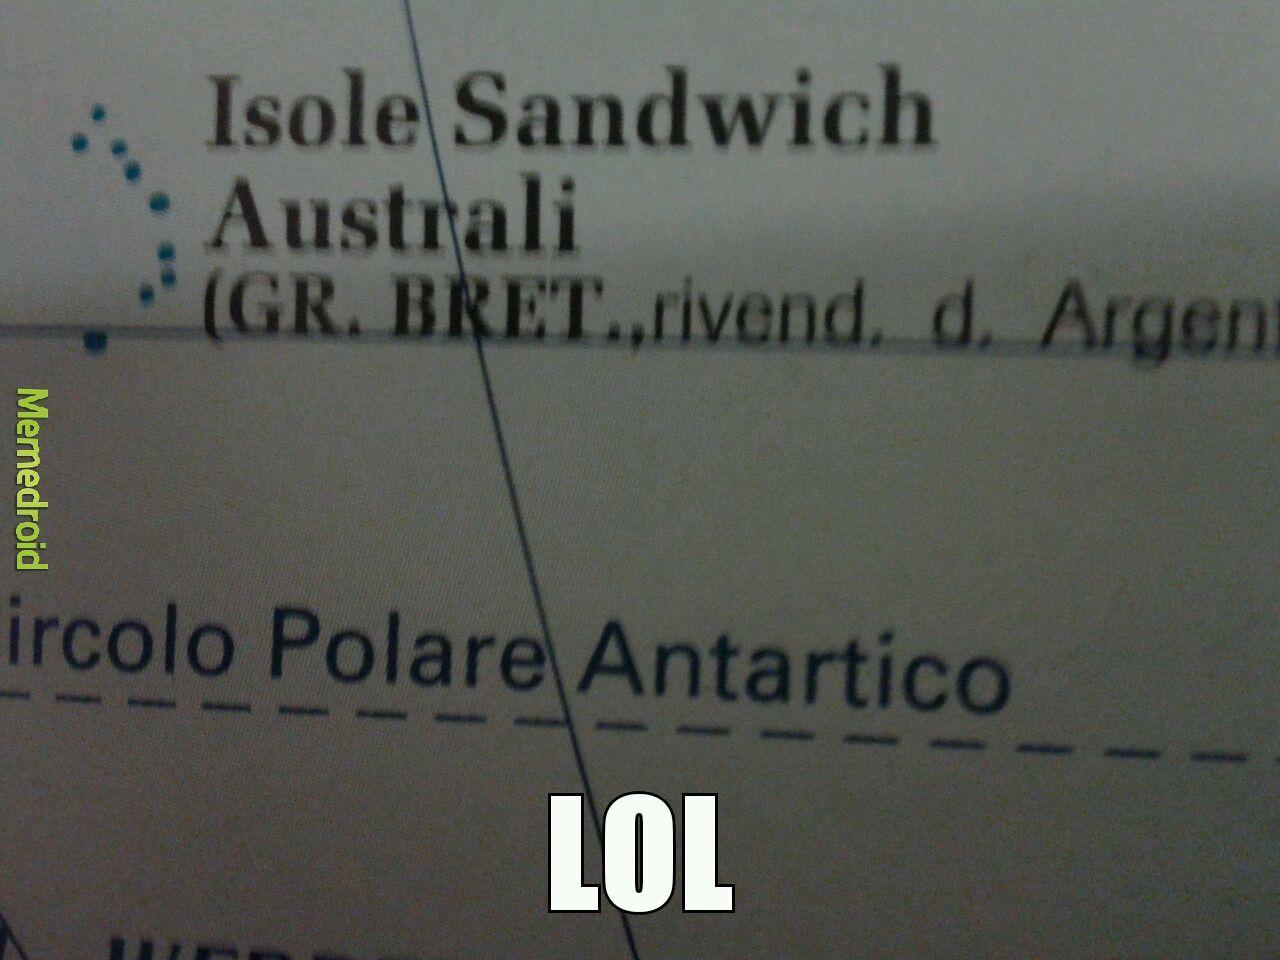 Isola panino - meme